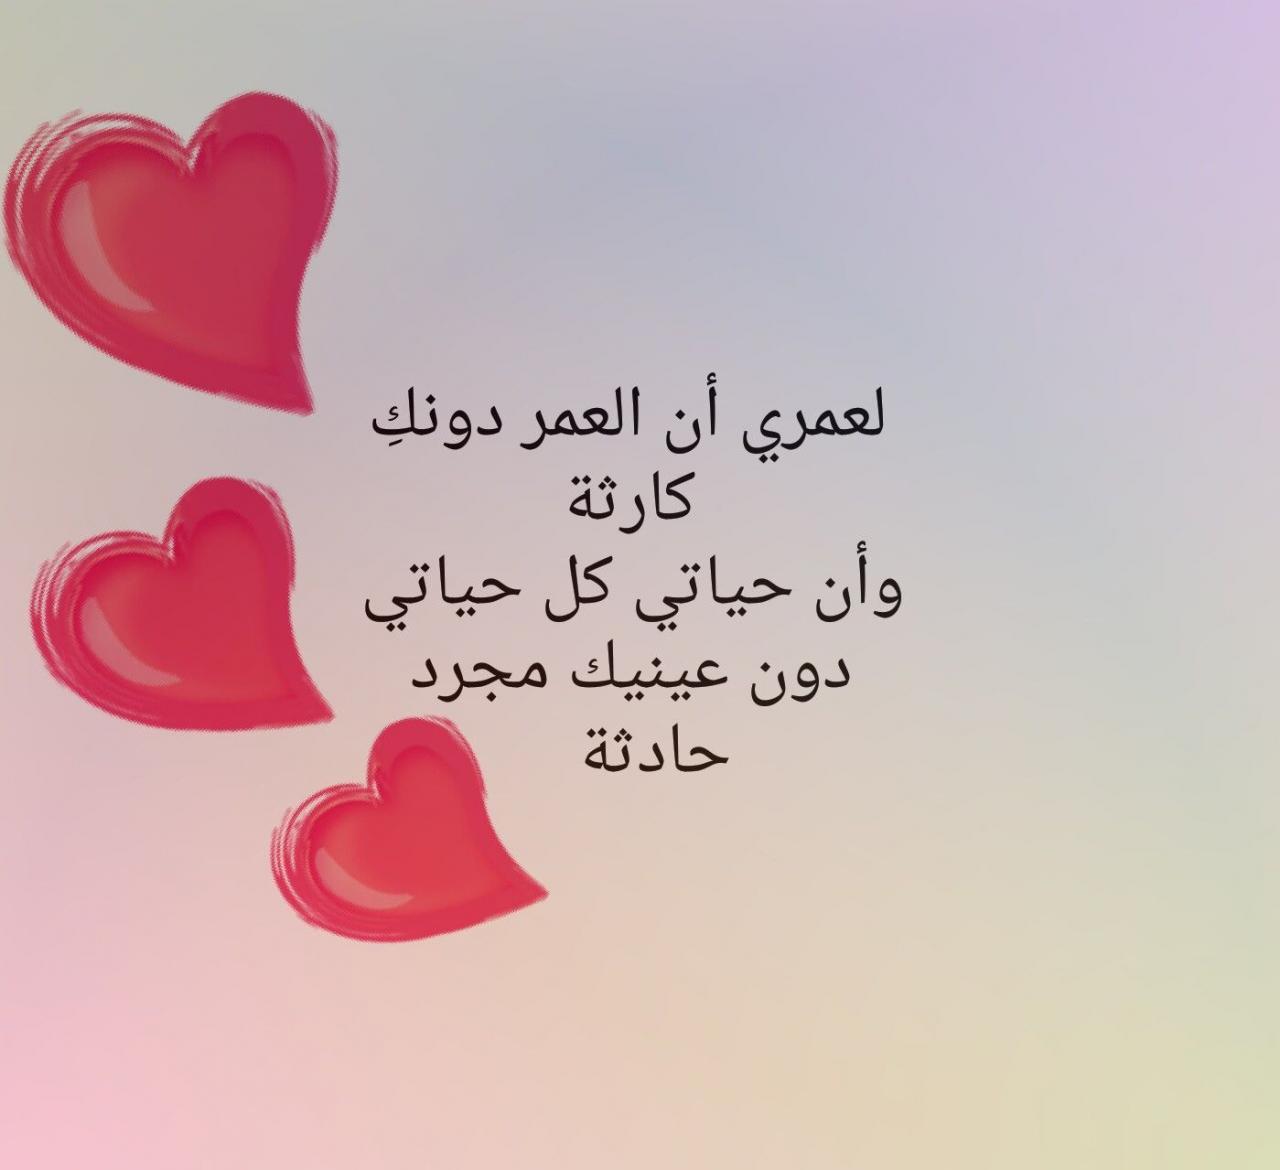 دلعت حبيبي باحلي كلام قصيدة شعر حب شوق وغزل